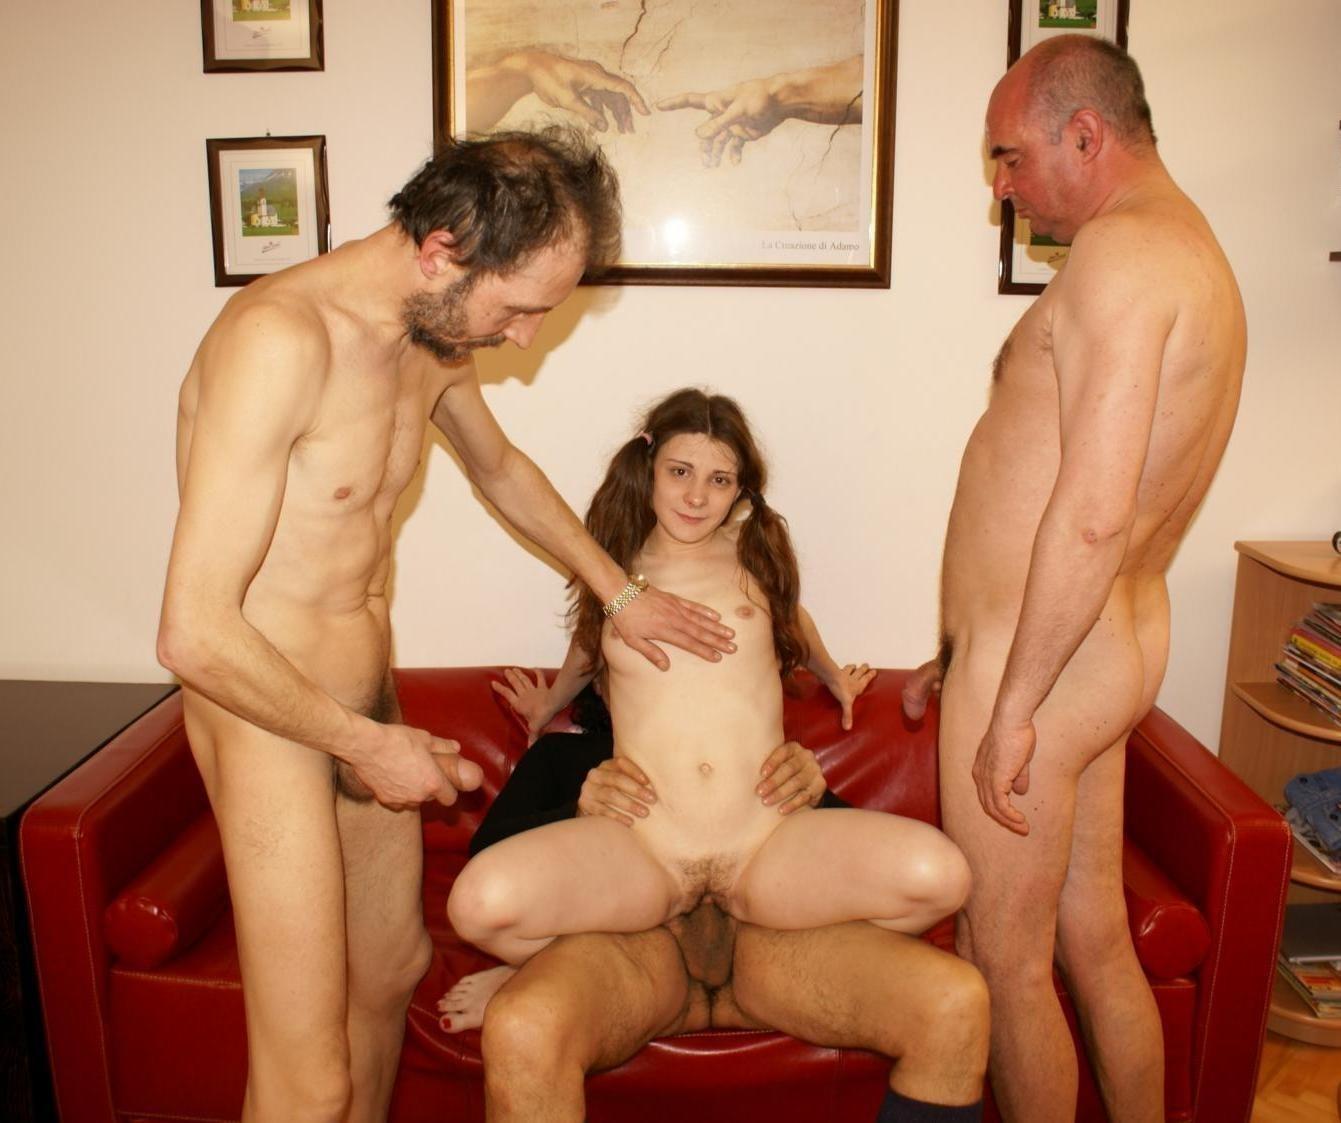 Vater fucks seine Tochter - kostenlos Pornobilder - Foto 2280